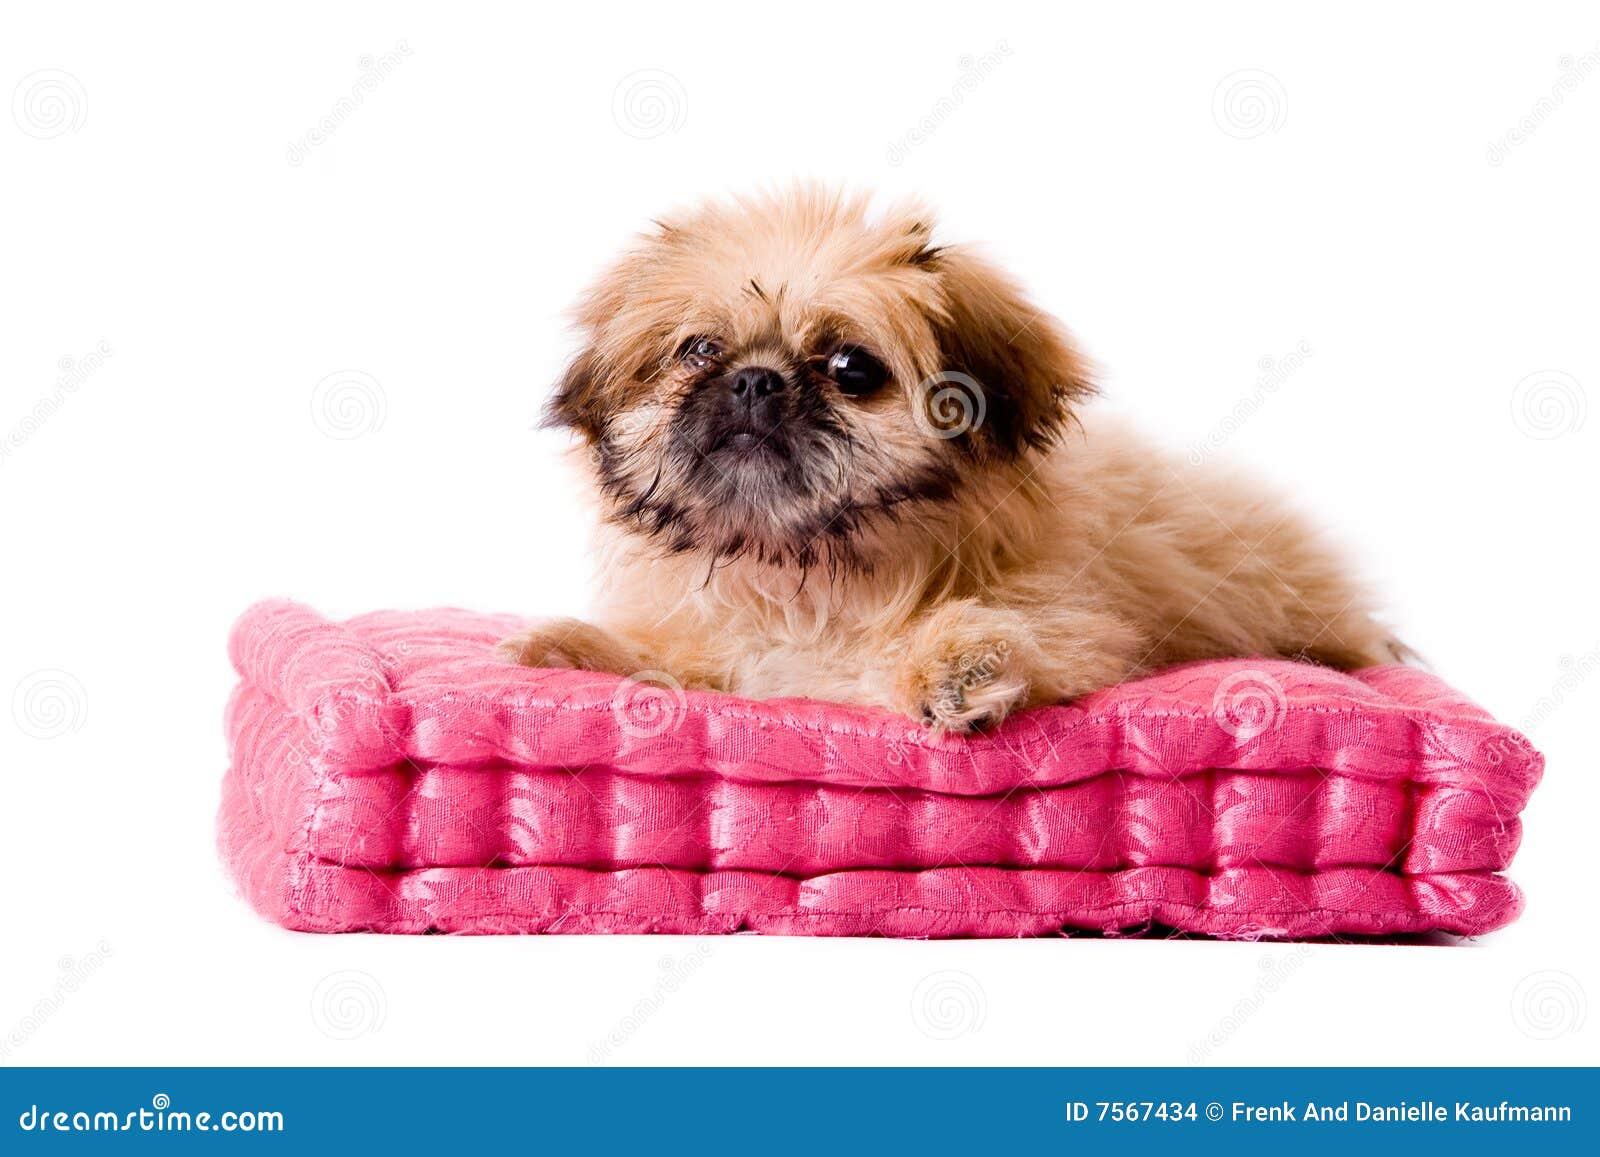 pekingese dog laying on my pillow stock images   image 7567434